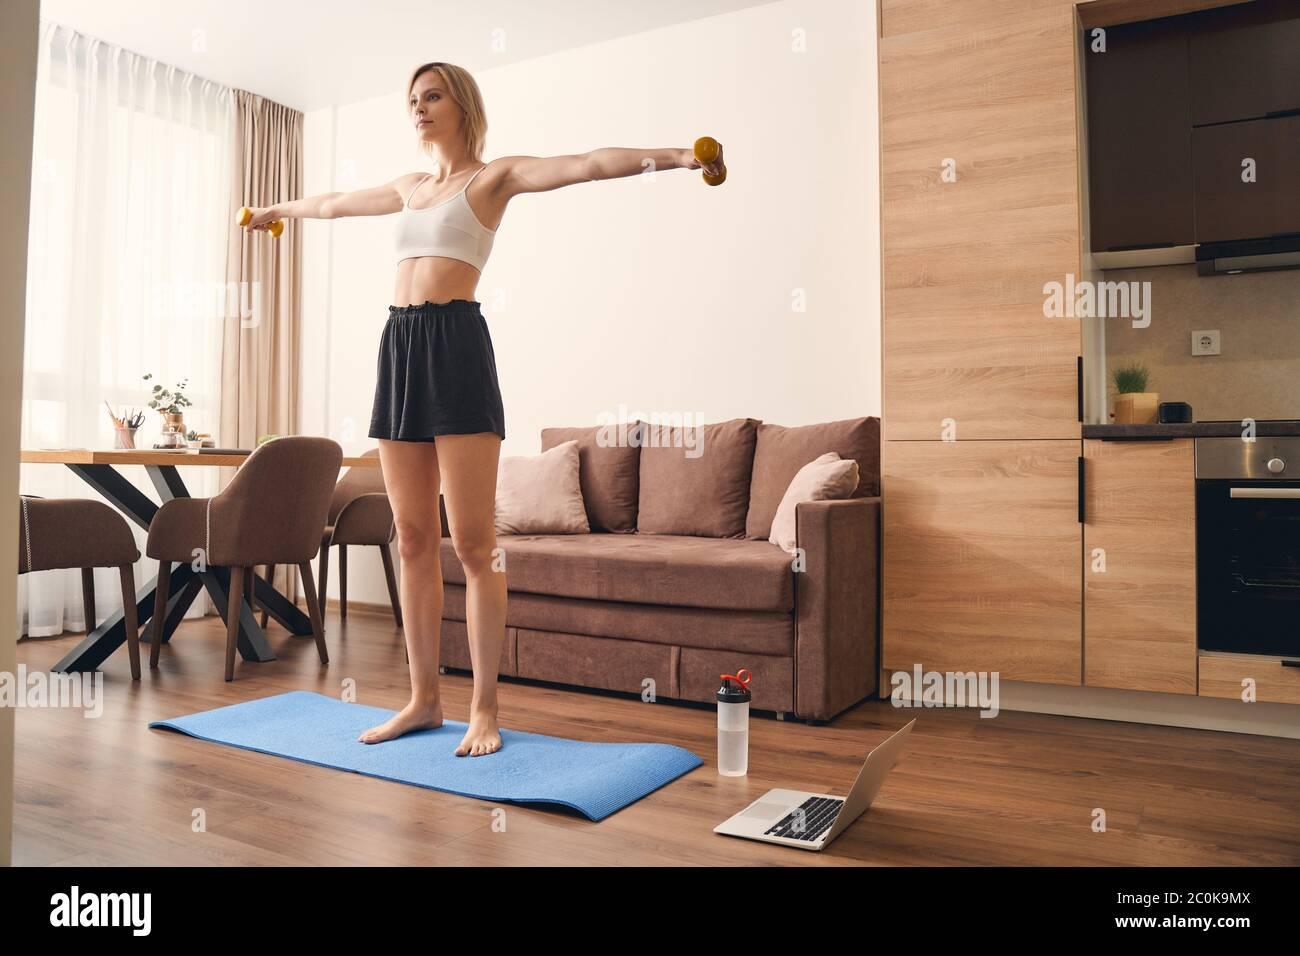 Ajuste a la señora haciendo un ejercicio con pesas Foto de stock